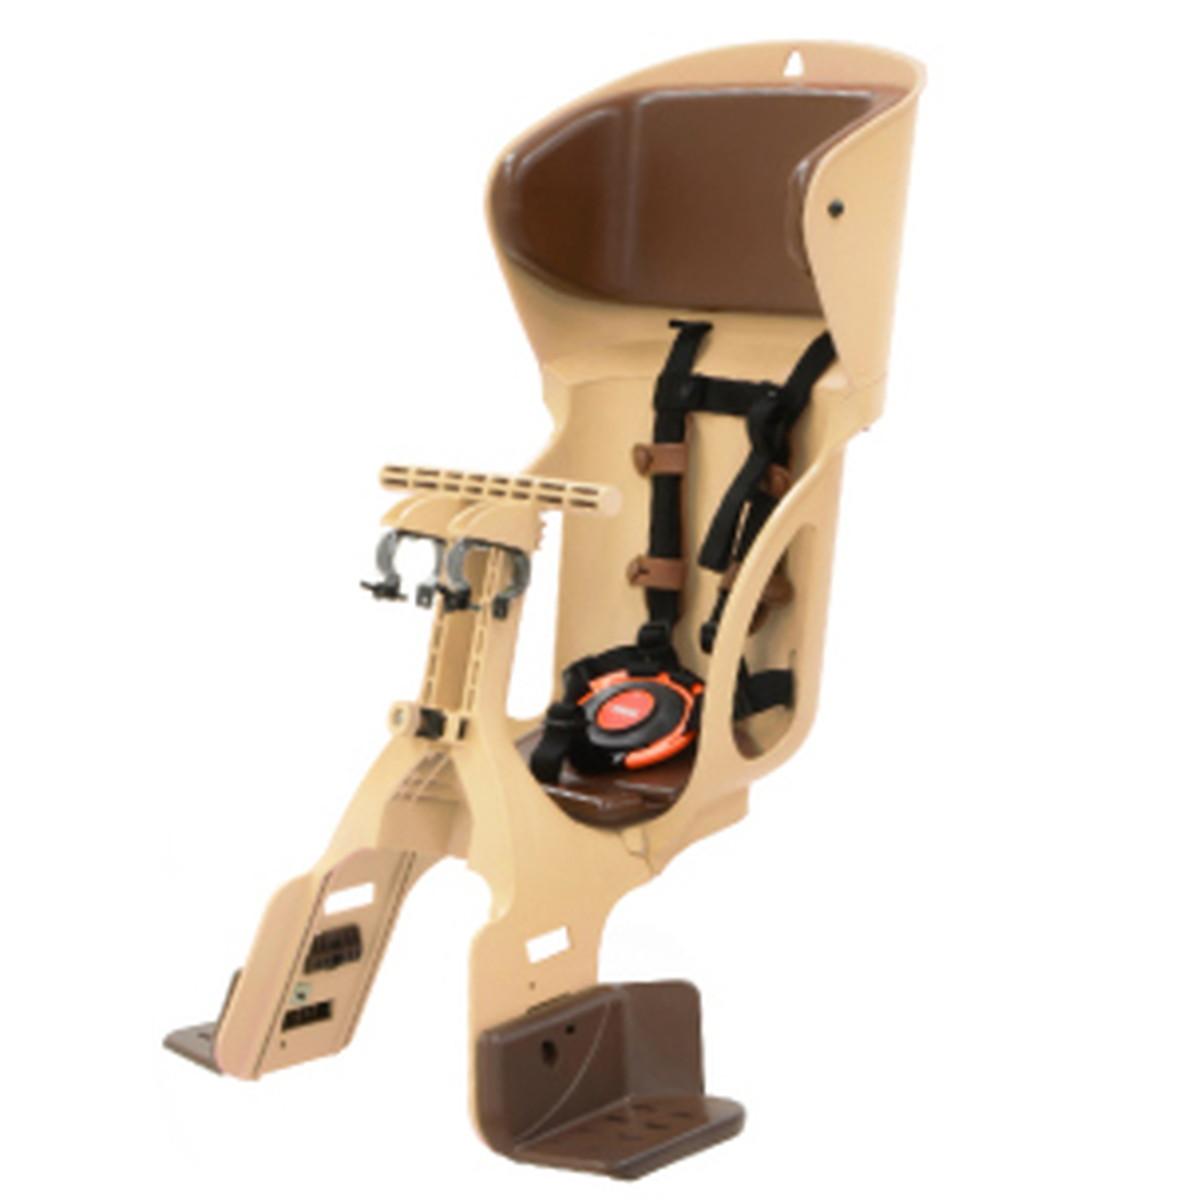 安心感をスマートに カジュアルフロントベビーシート OGK オージーケー FBC-015DX カフェ 茶 新作続 ファクトリーアウトレット 自転車用品 前子供乗せ フロントチャイルドシート